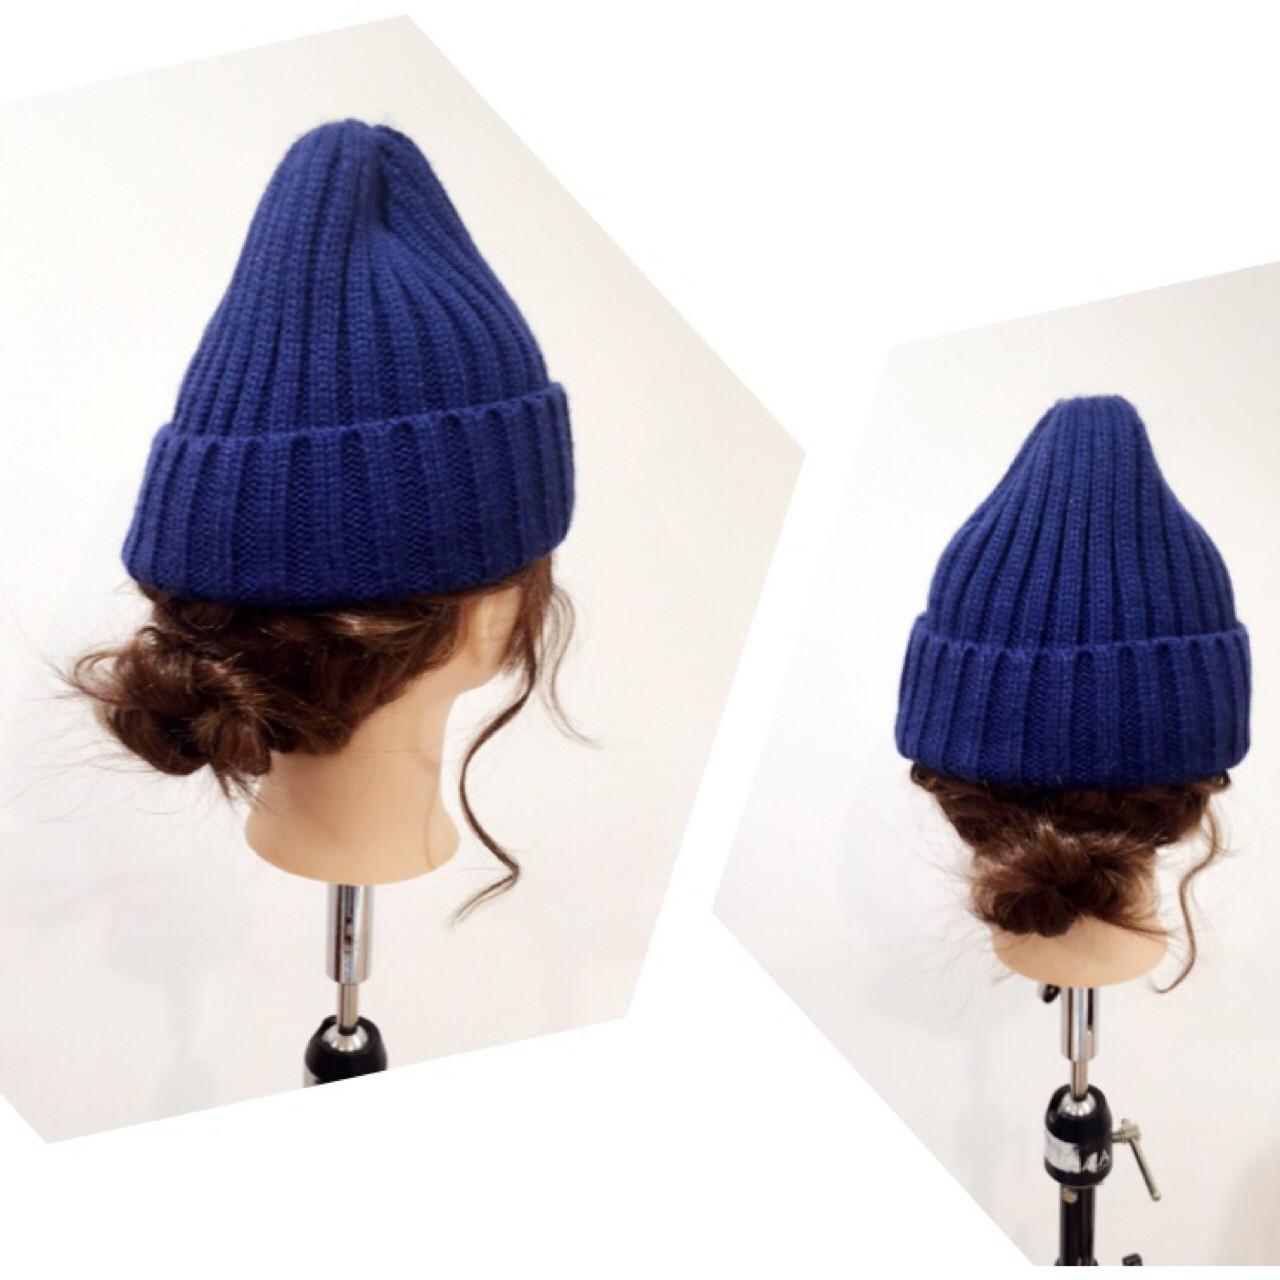 ニット帽アレンジ☆*: * 三つ編みをまとめた簡単アレンジ☆*: * やり方はまた載せます( ´ ▽ ` )ノ